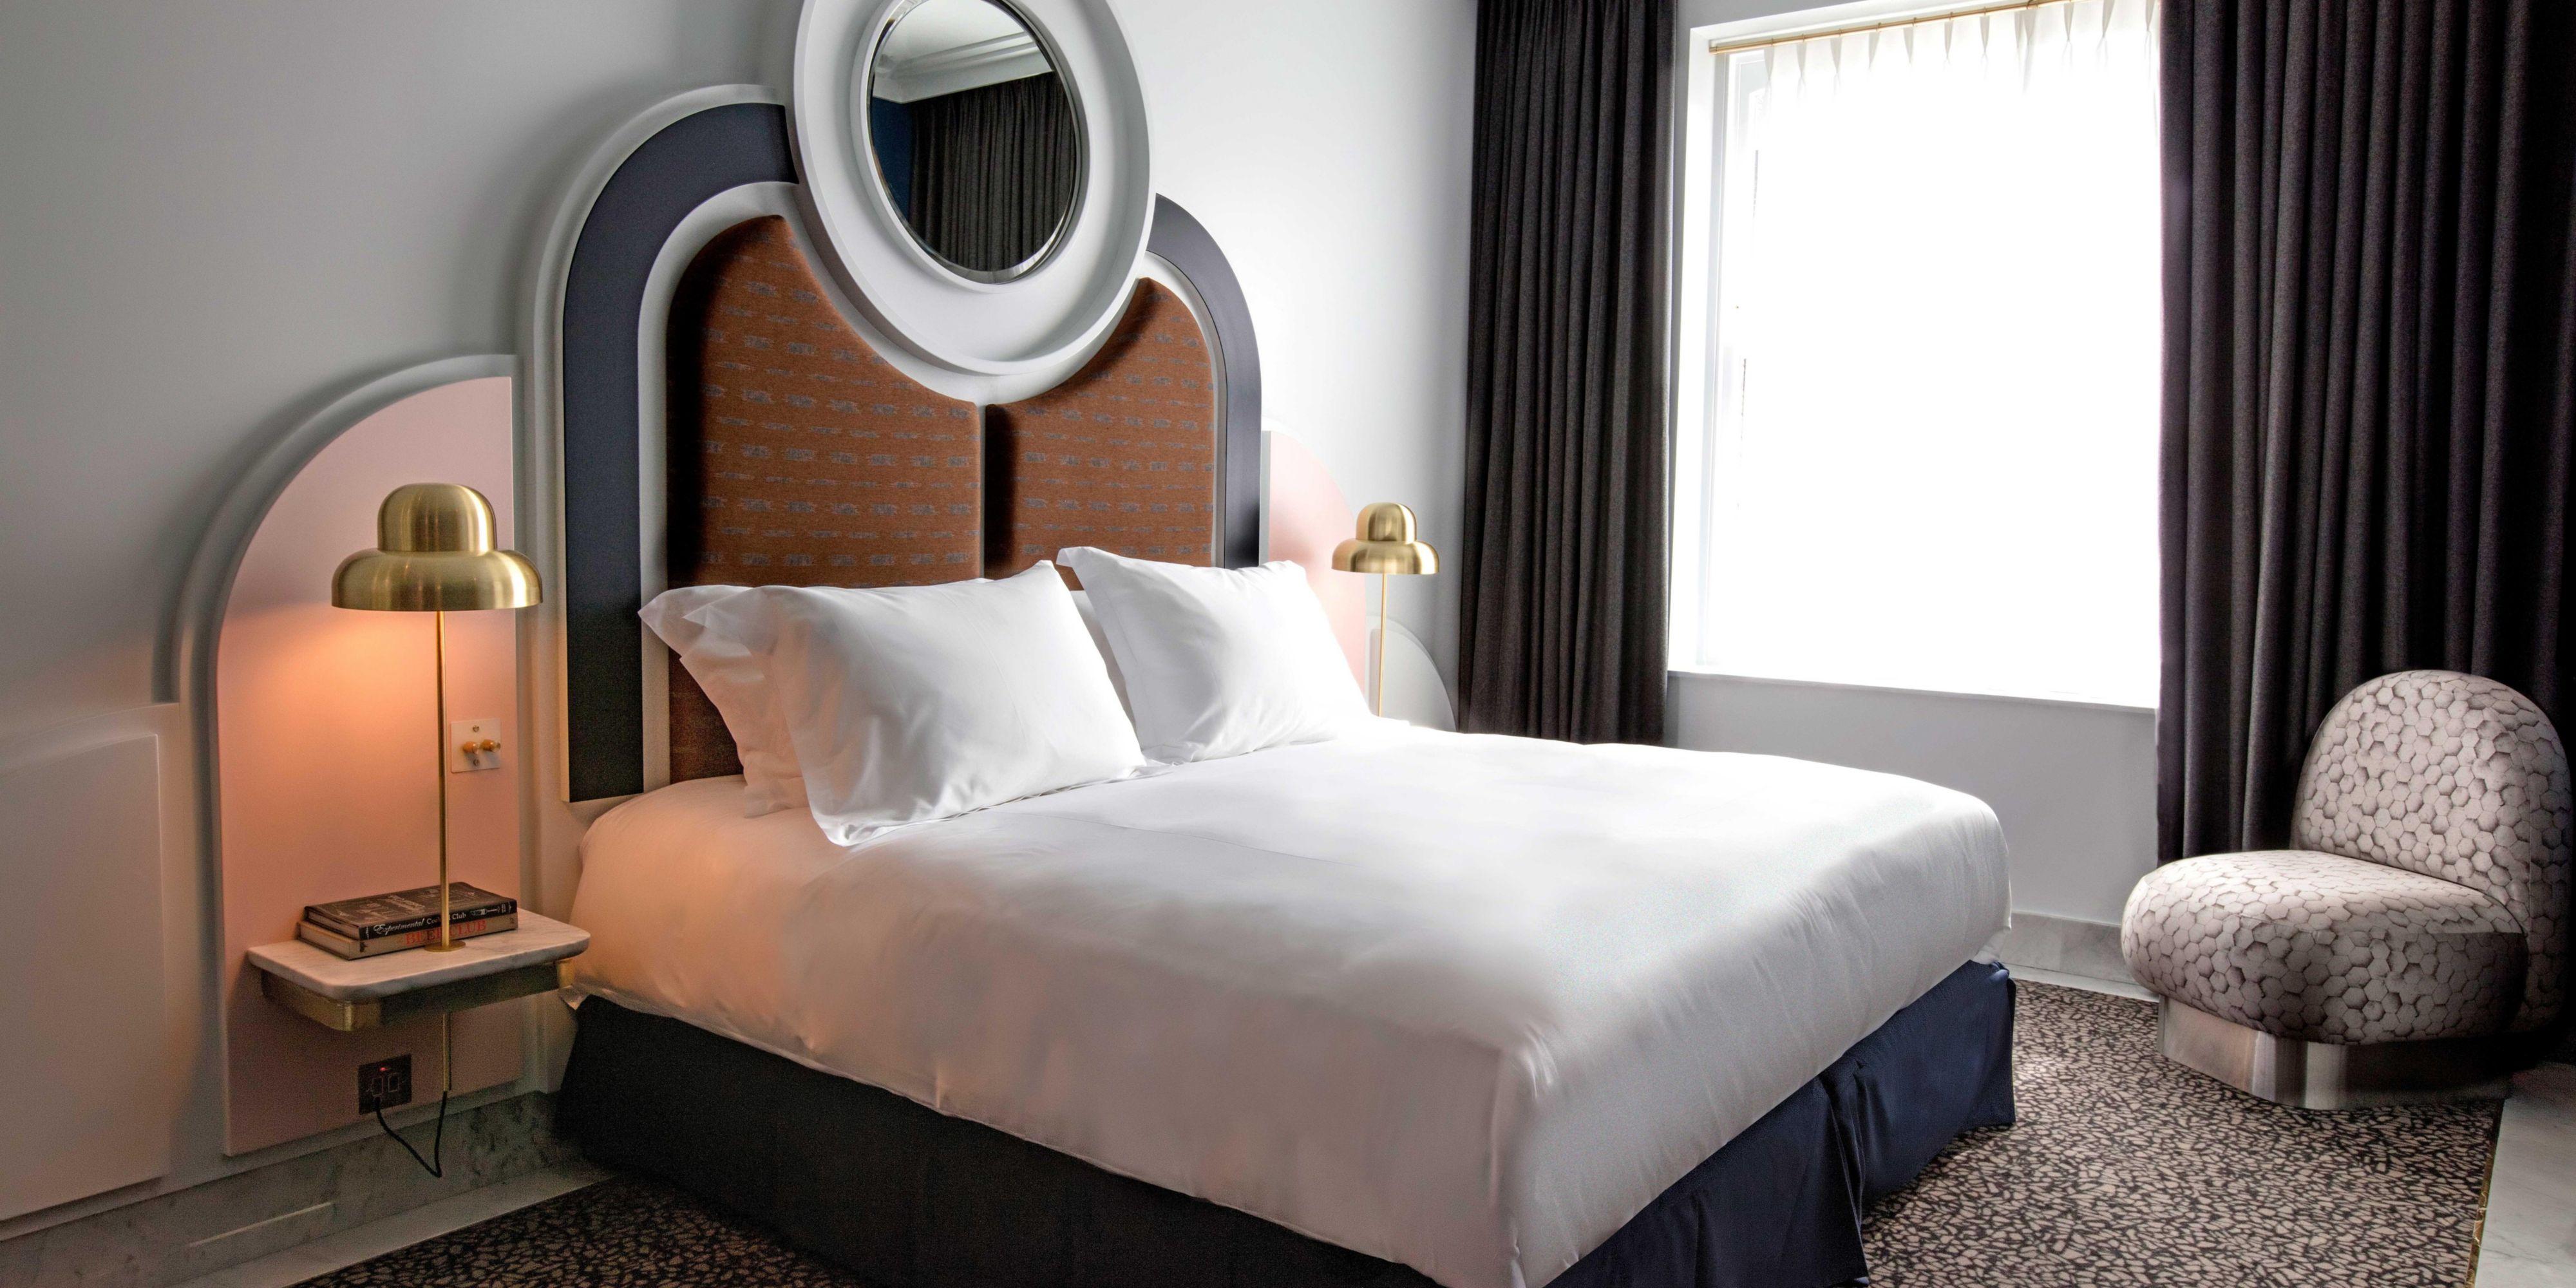 Henrietta bedroom